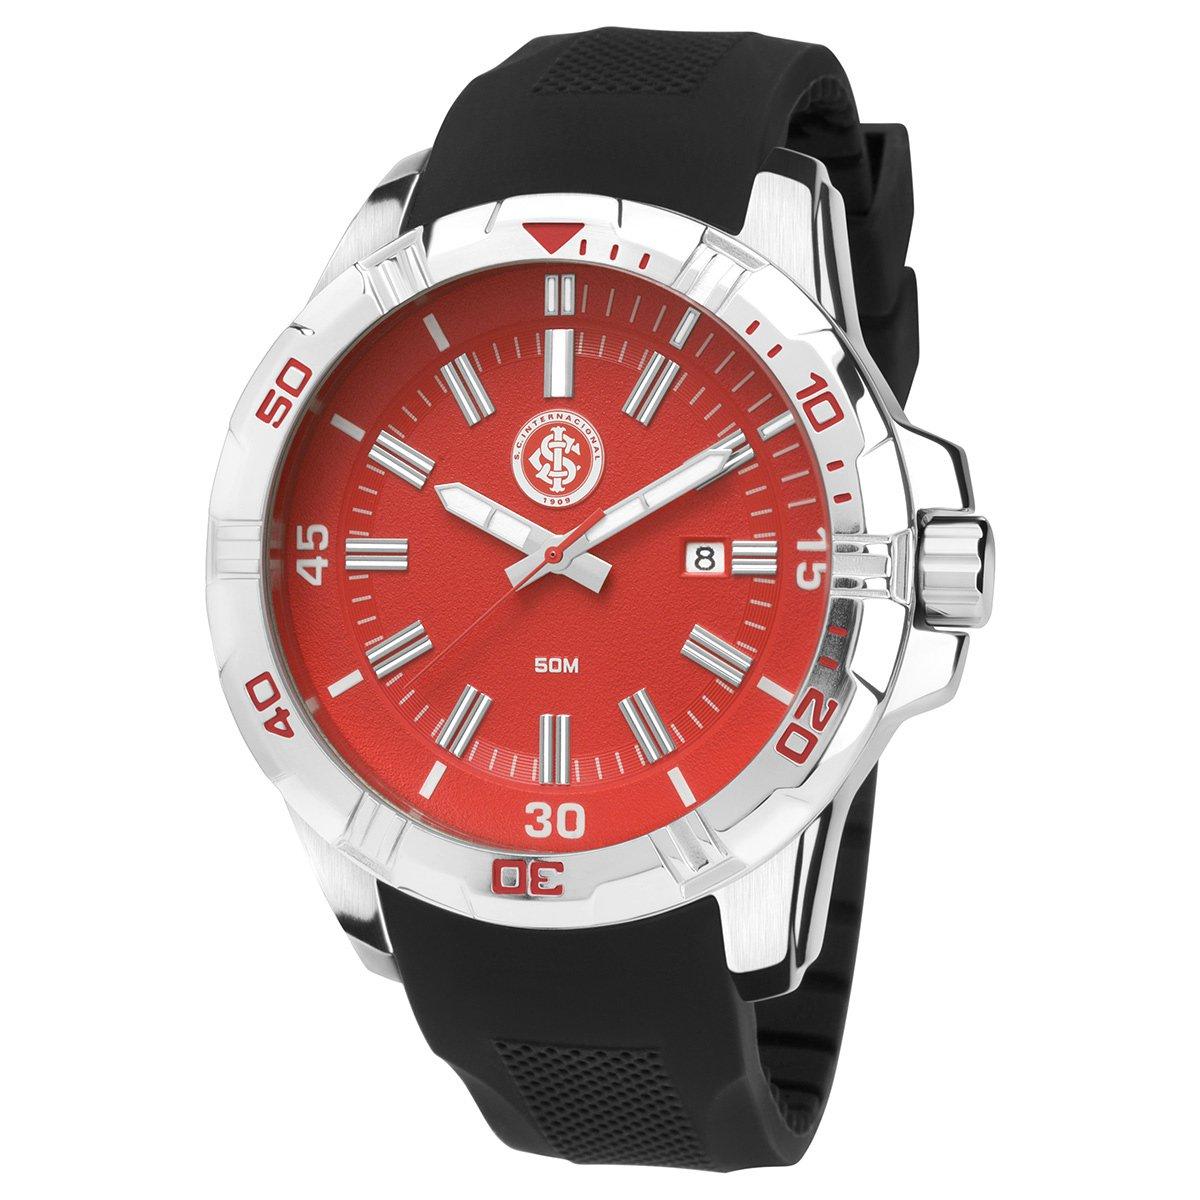 1ed05321dd4 Relógio Internacional Technos Analógico V Calendário - Compre Agora ...